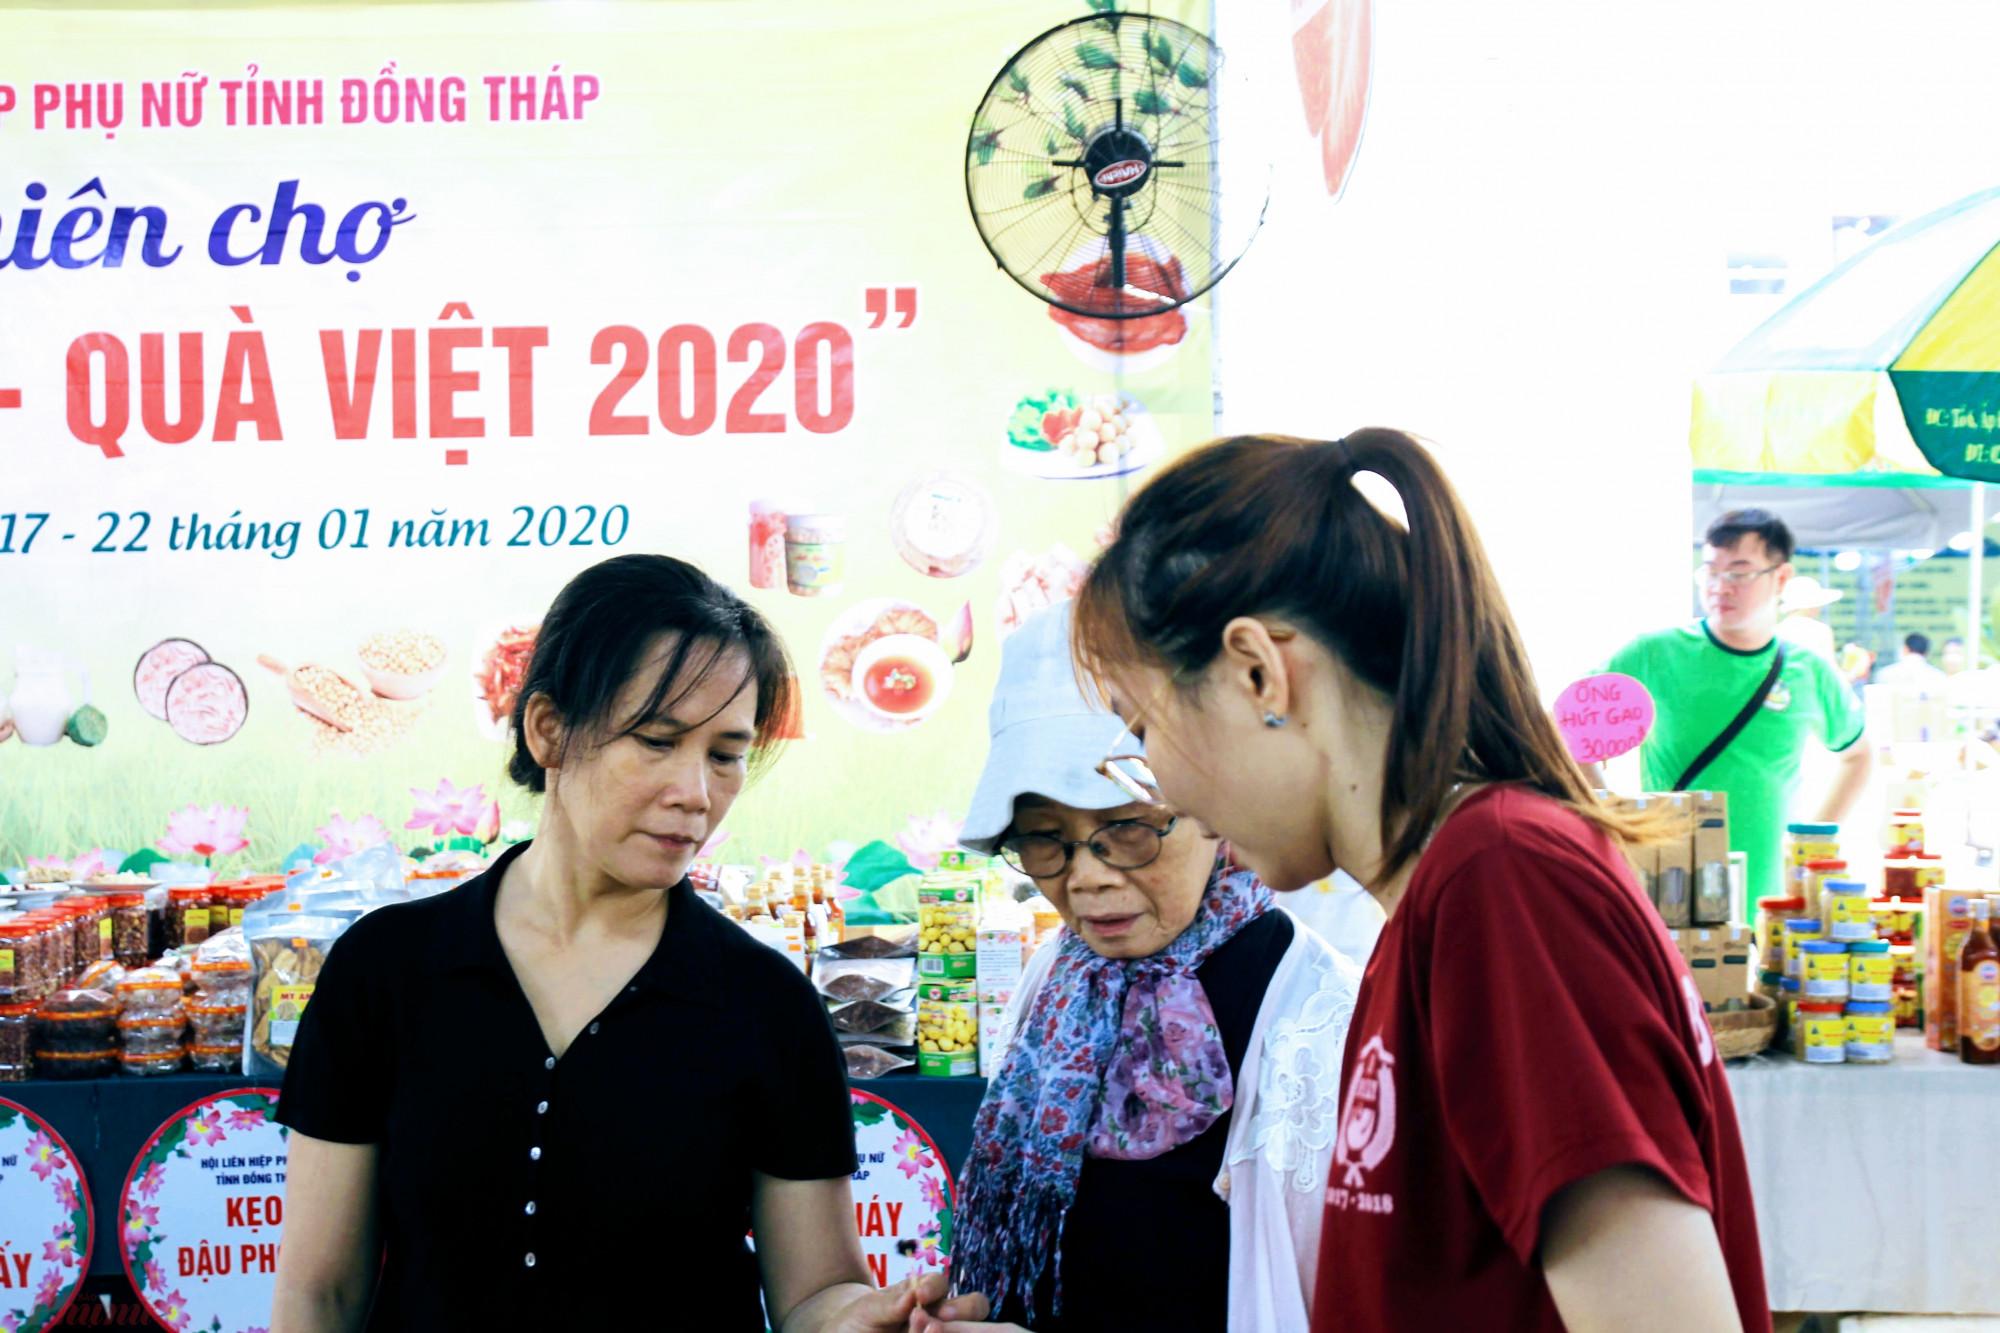 Trong khi đó, nhóm của Hội liên hiệp Phụ nữ và Thanh niên khởi nghiệp (SKC) của Đồng Tháp mang đến nhiều đặc sản địa phương như khô cá các loại, trái cây miệt vườn, và đặc biệt là món